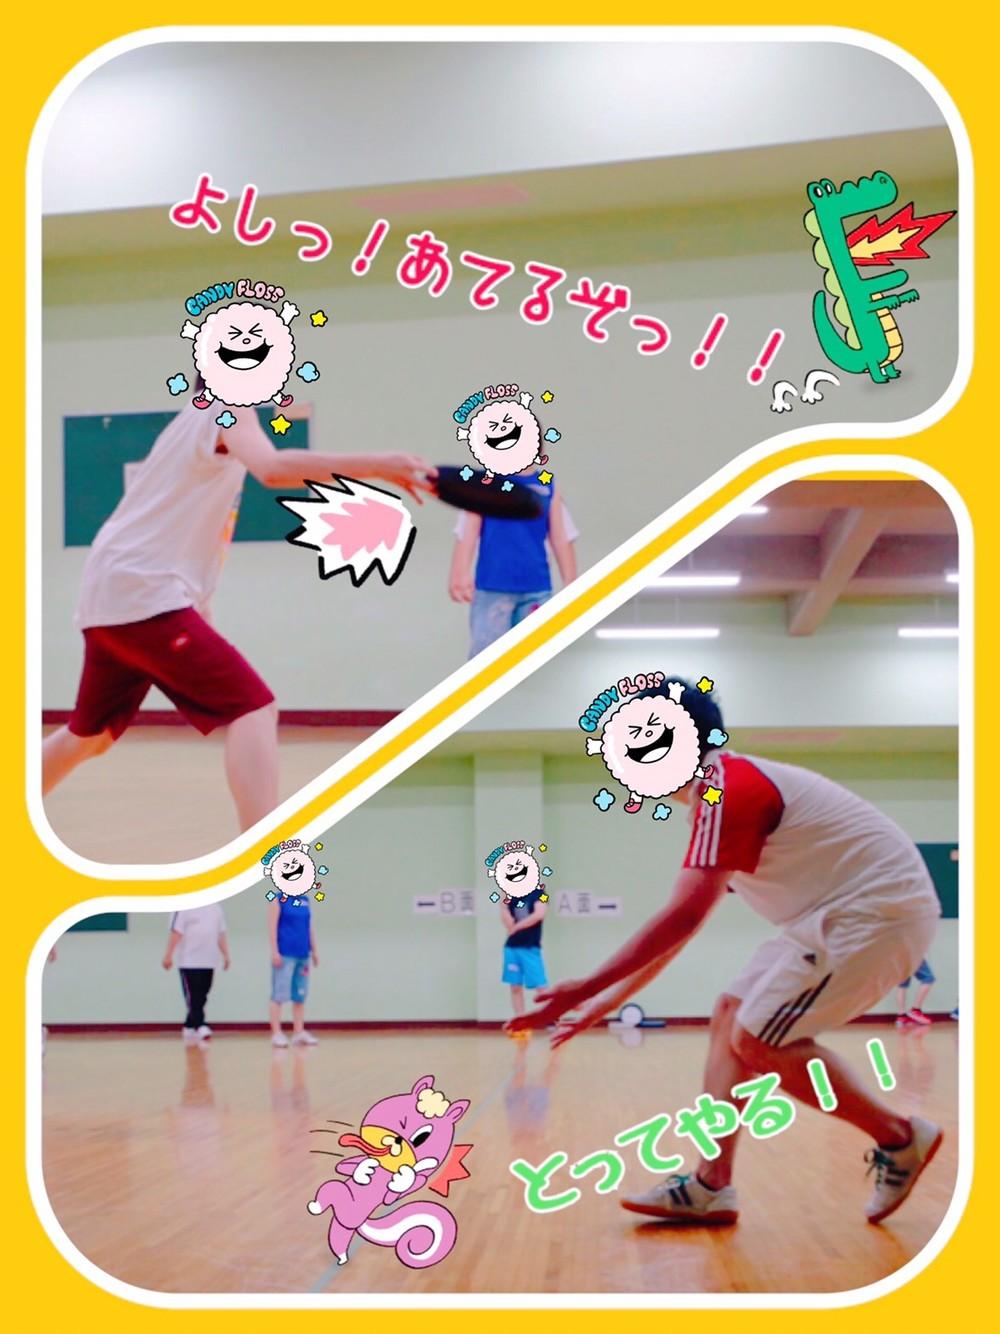 【未経験大歓迎】ドッヂビー!!!…第35回